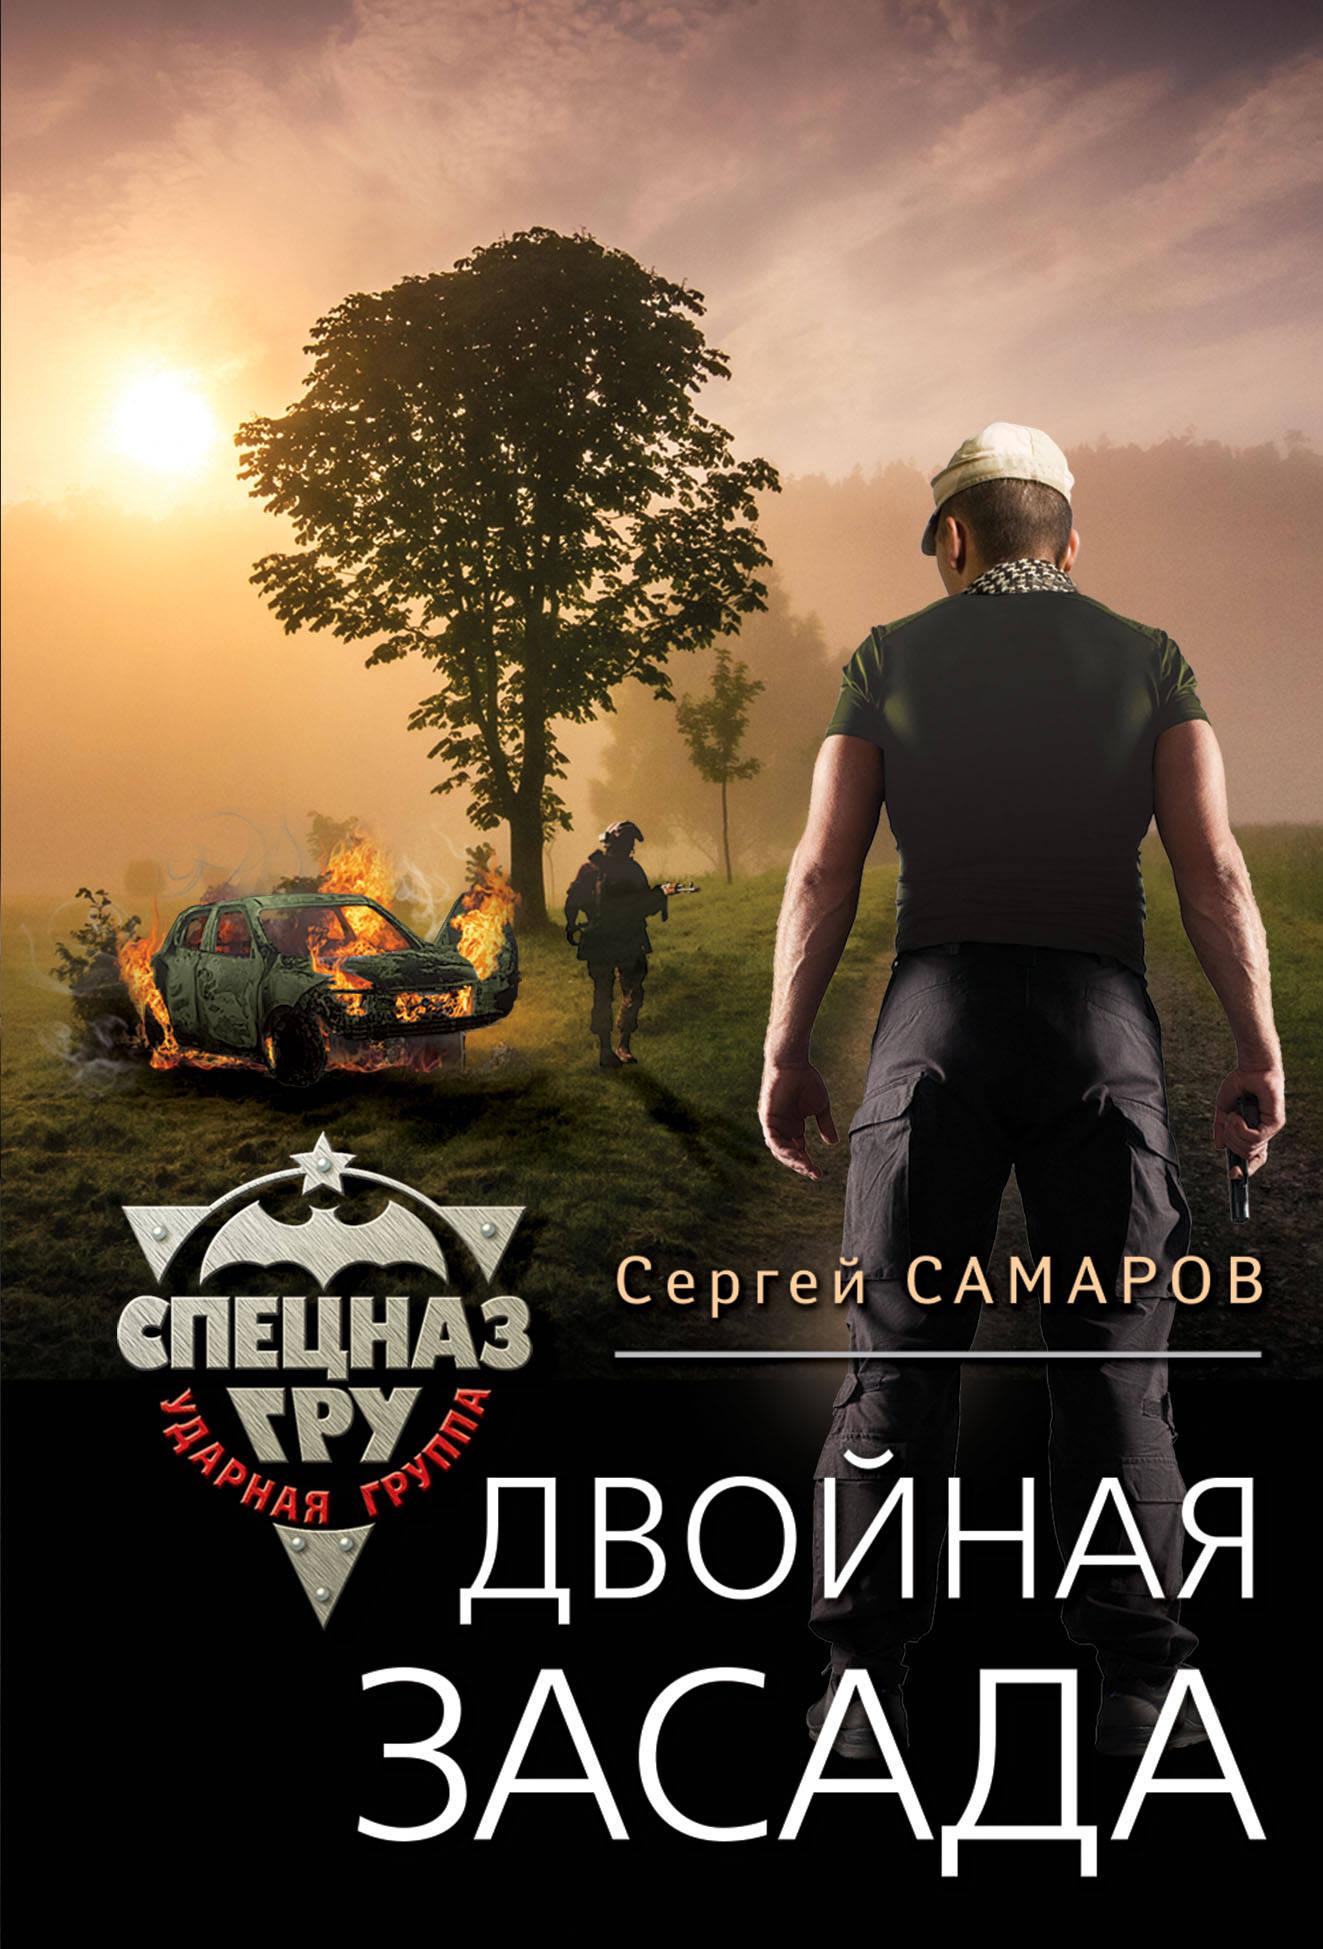 Сергей Самаров Двойная засада